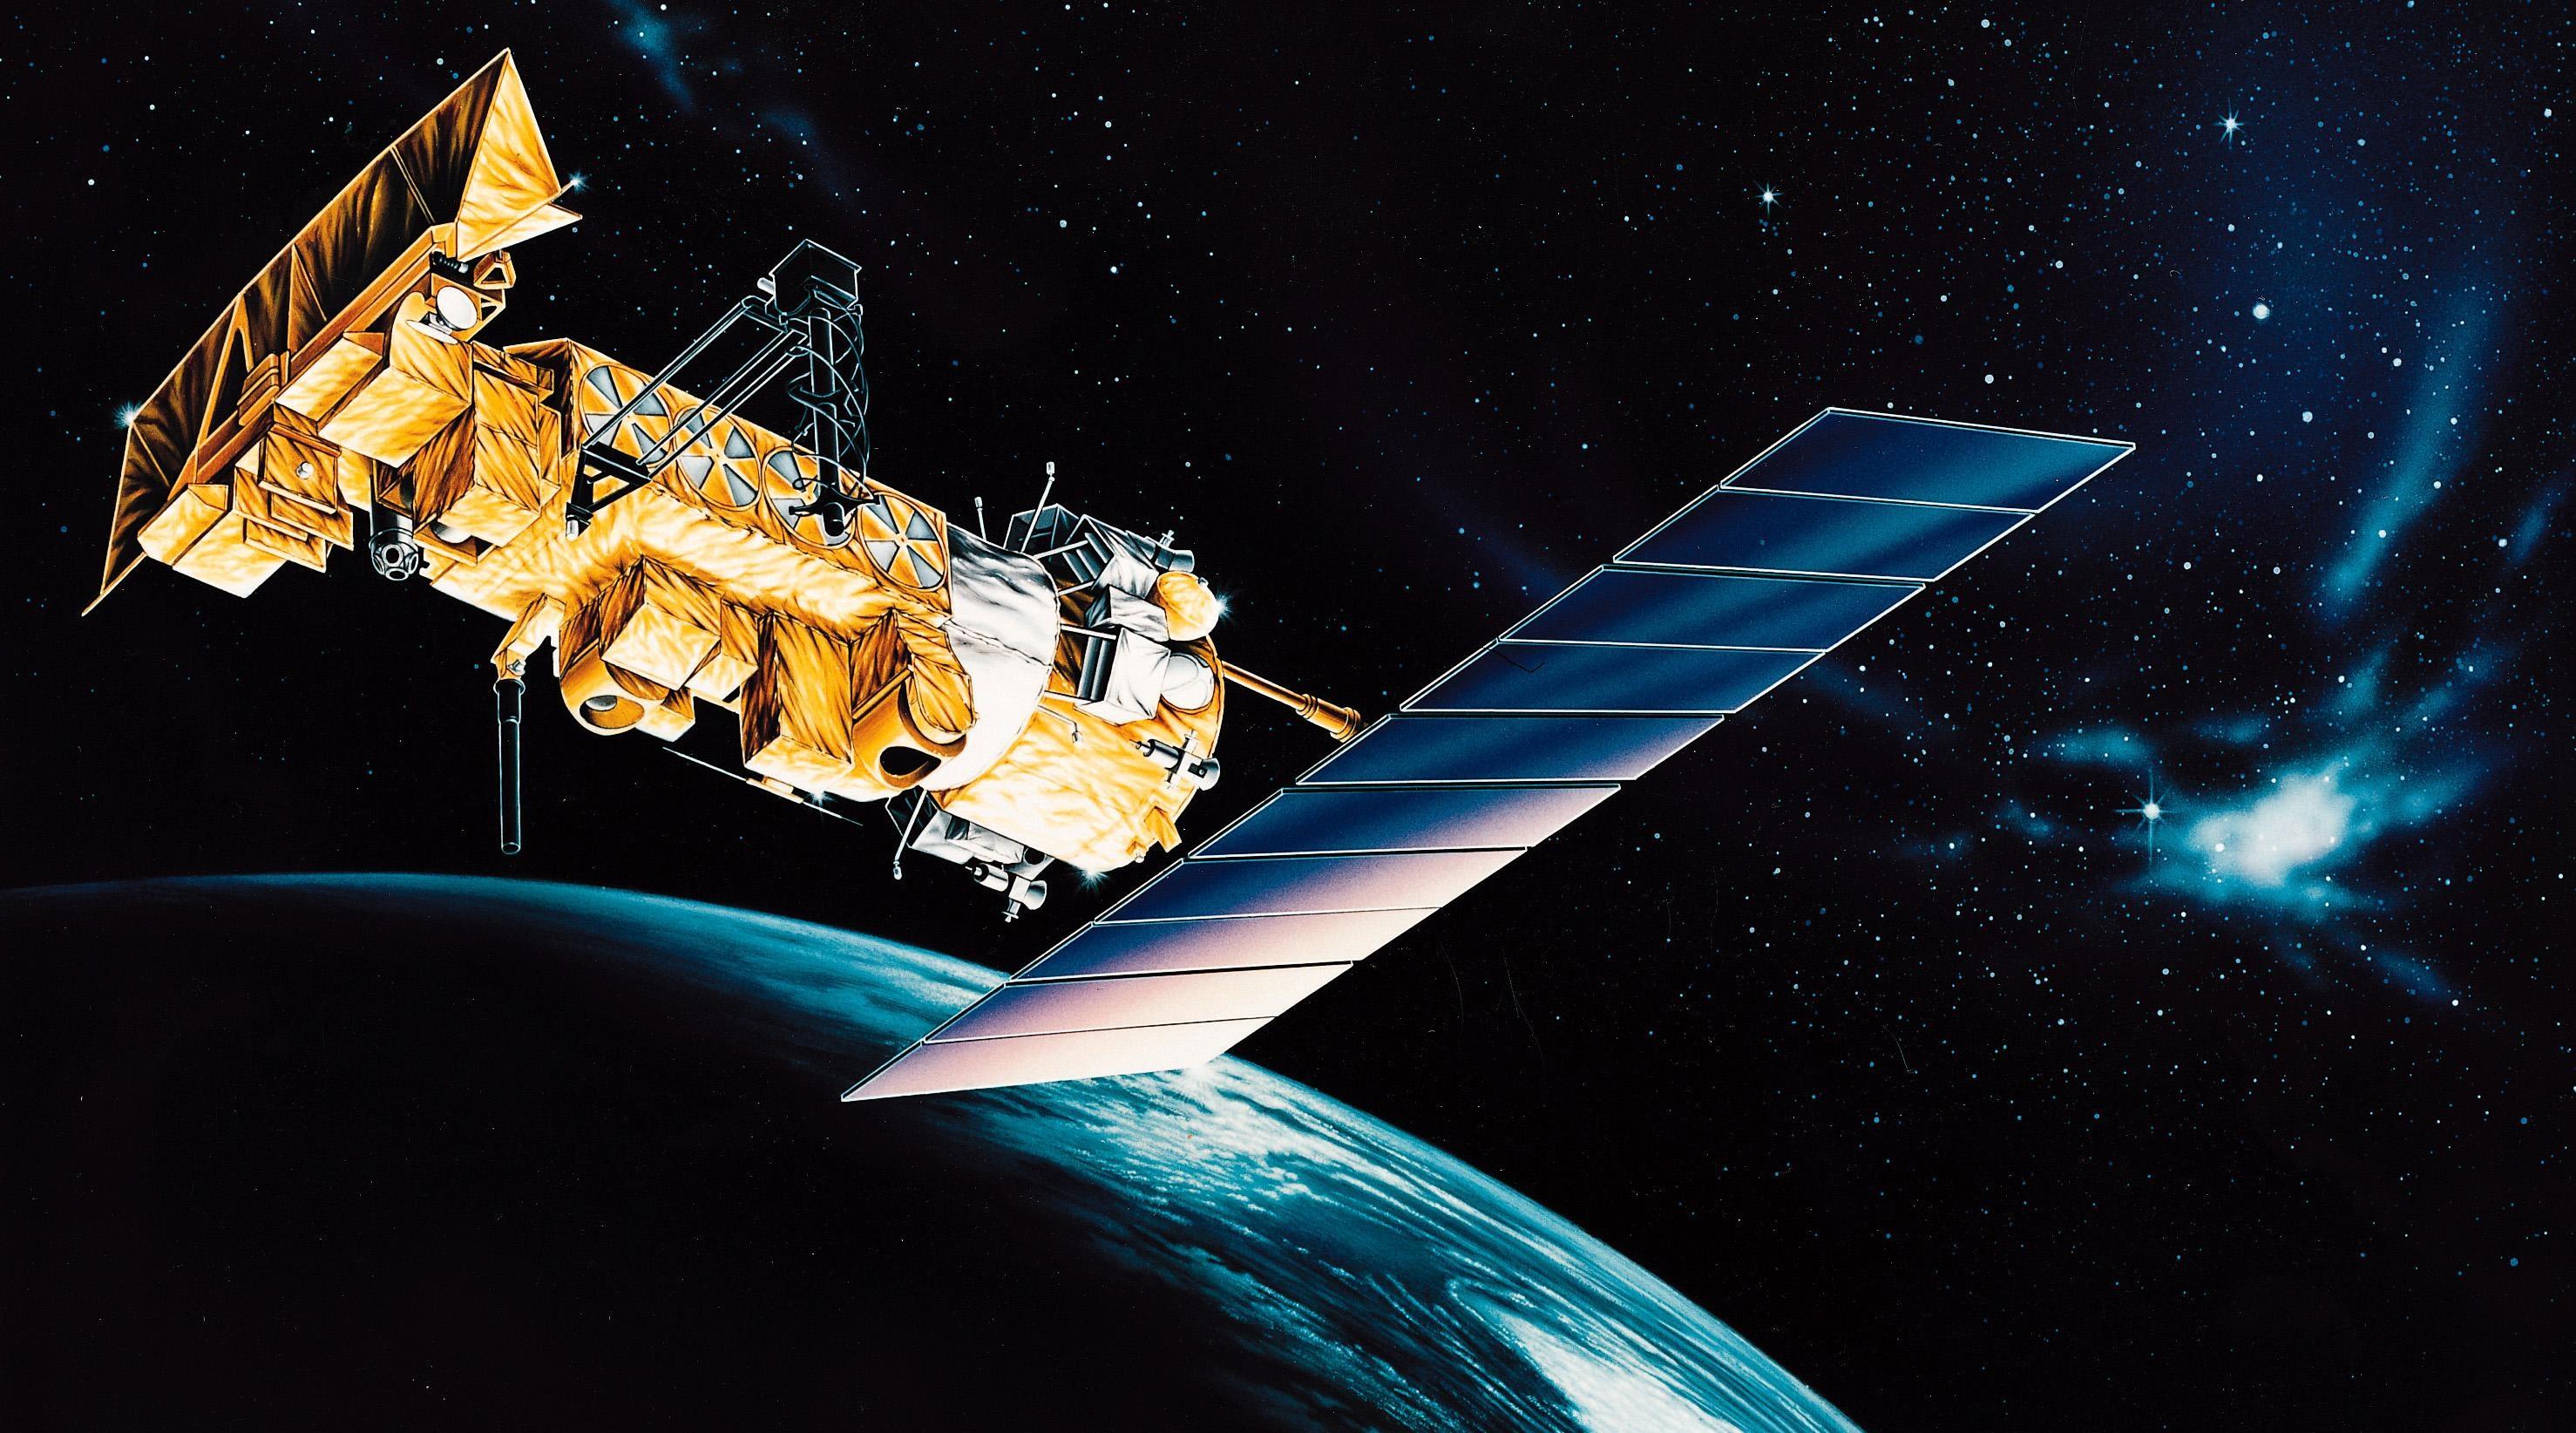 NOAA Weather Satellite suffers in-orbit Breakup – Spaceflight101